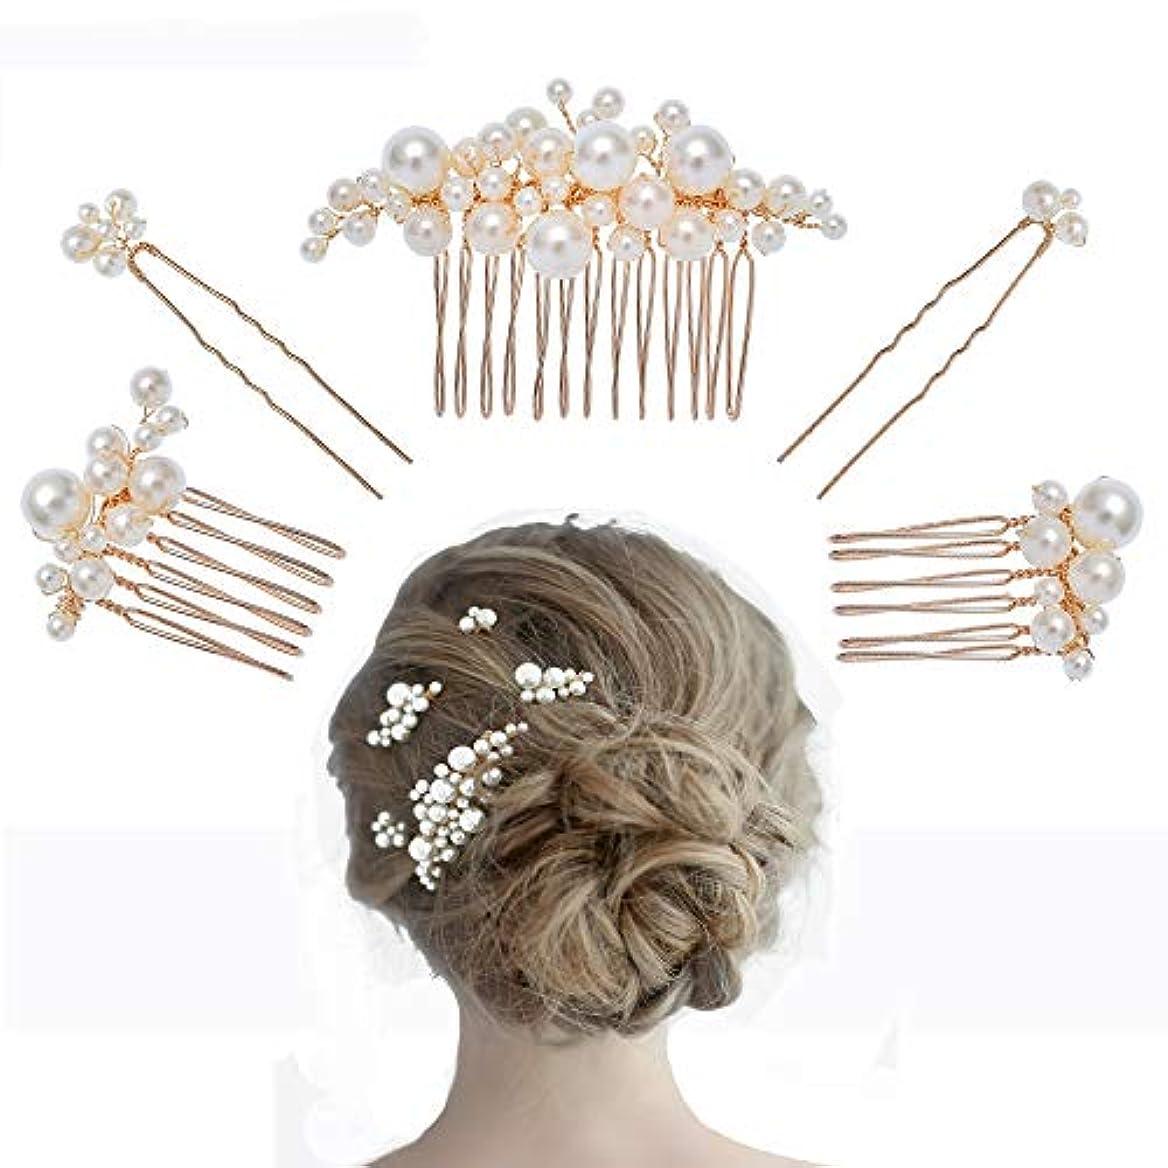 びっくり手がかり枠SPOKKI パール 髪飾り ヘアアクセサリー ヘアピン 3種類 5本セット ウェディング 結婚式 卒業式 発表会